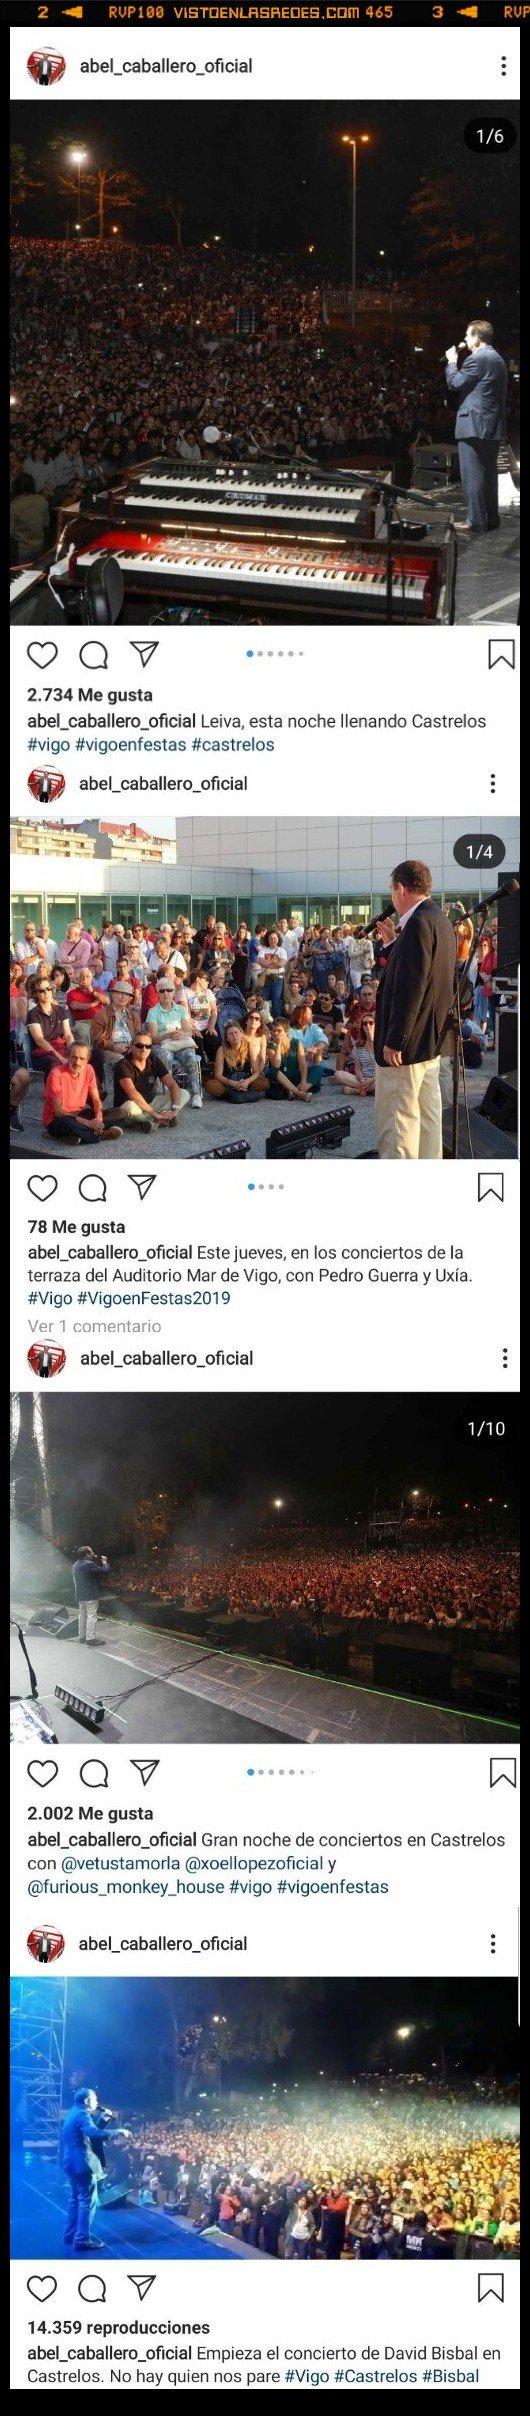 525780 - Nos declaramos totalmente fans de este alcalde que sube fotos de actos con artistas... en las que solo sale él